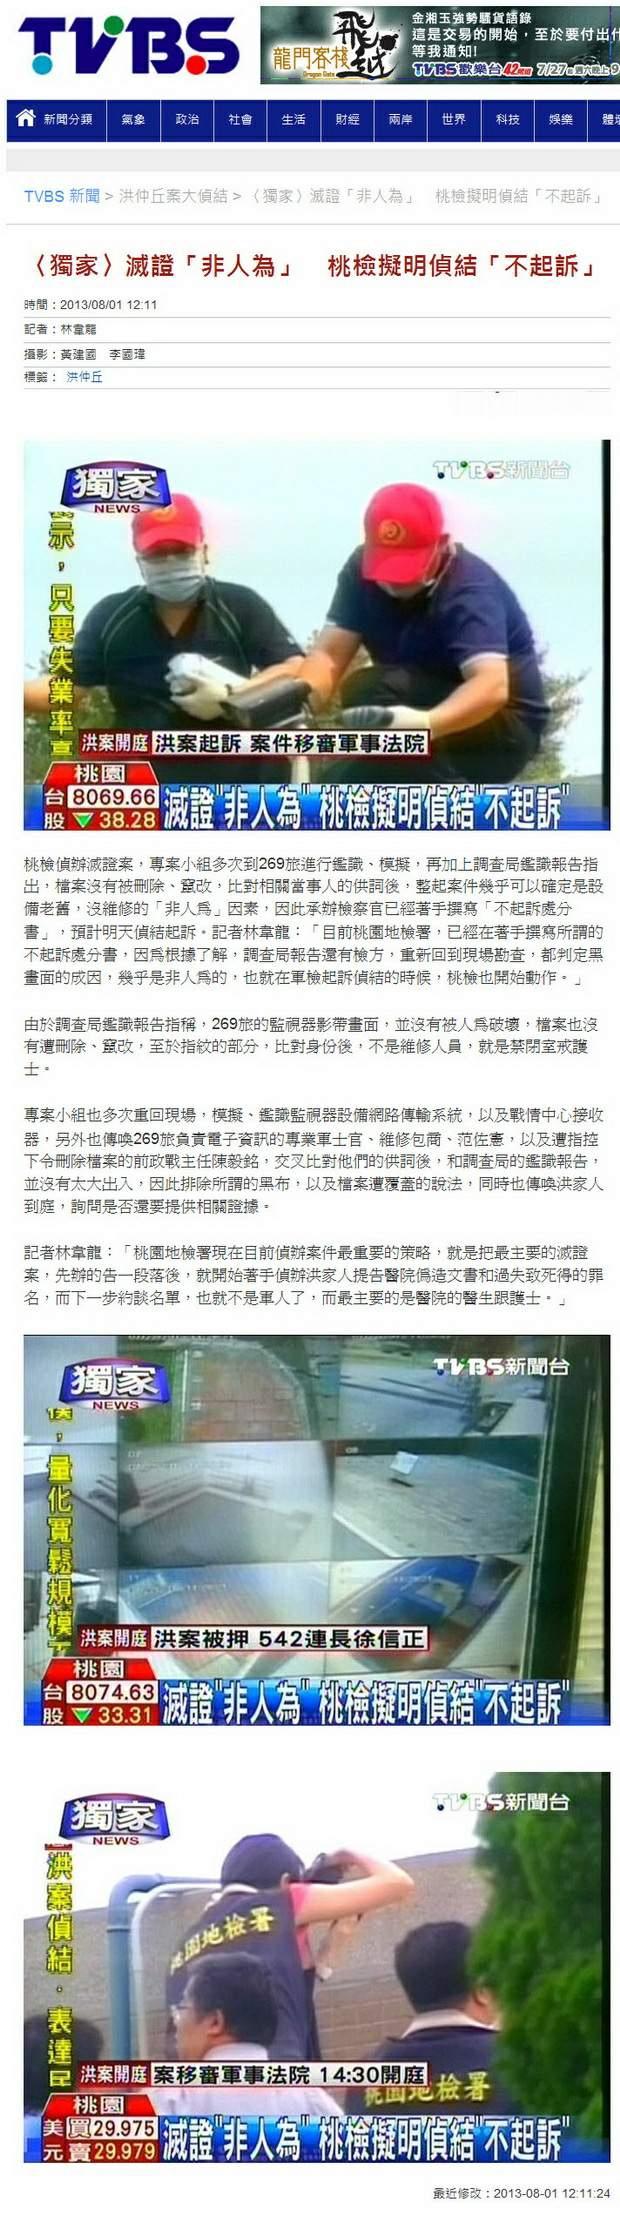 滅證「非人為」 桃檢擬明偵結「不起訴」-2013.08.01.jpg